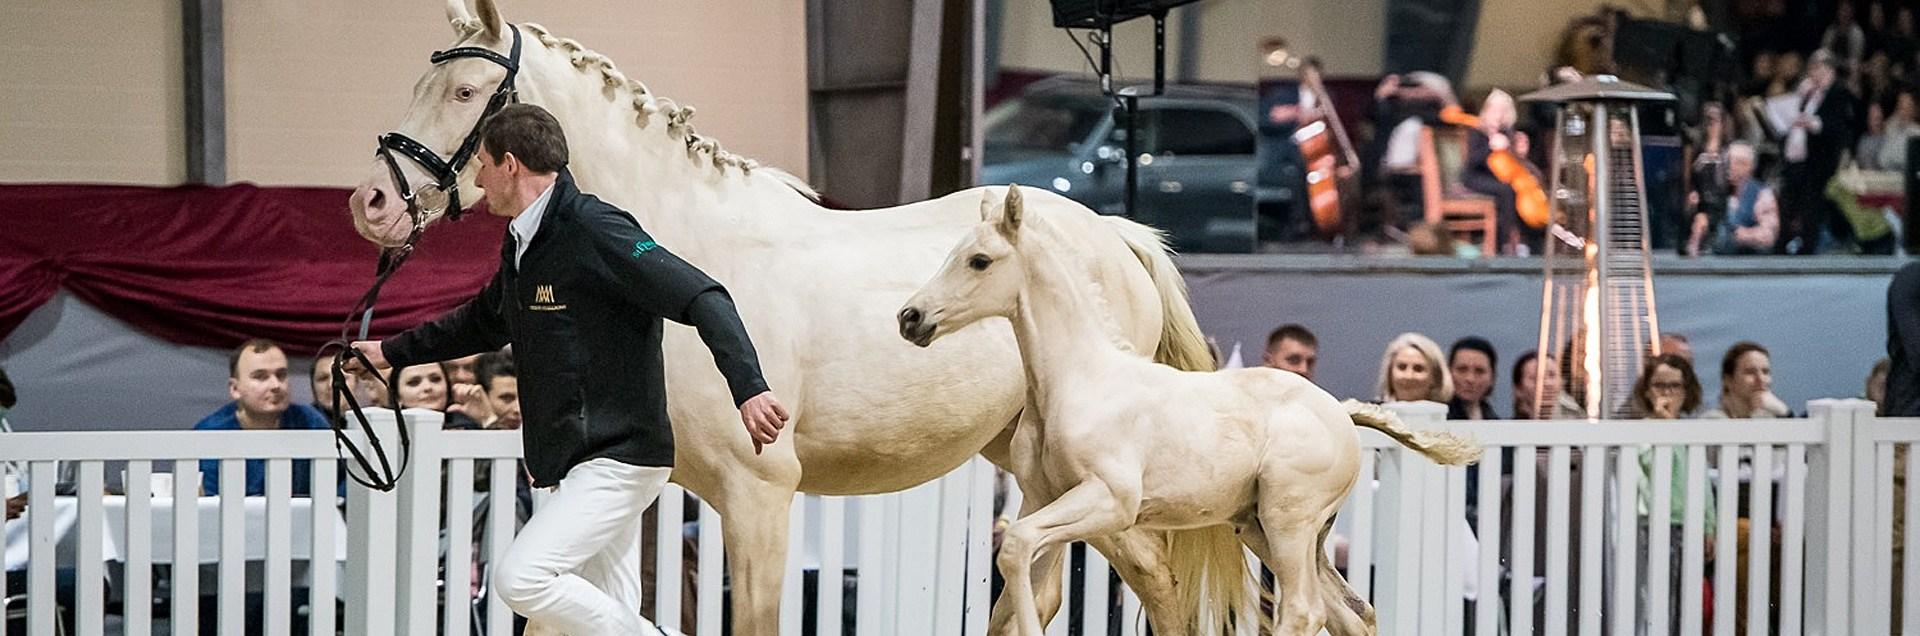 Cichoń Foals Selection & Auction 2020